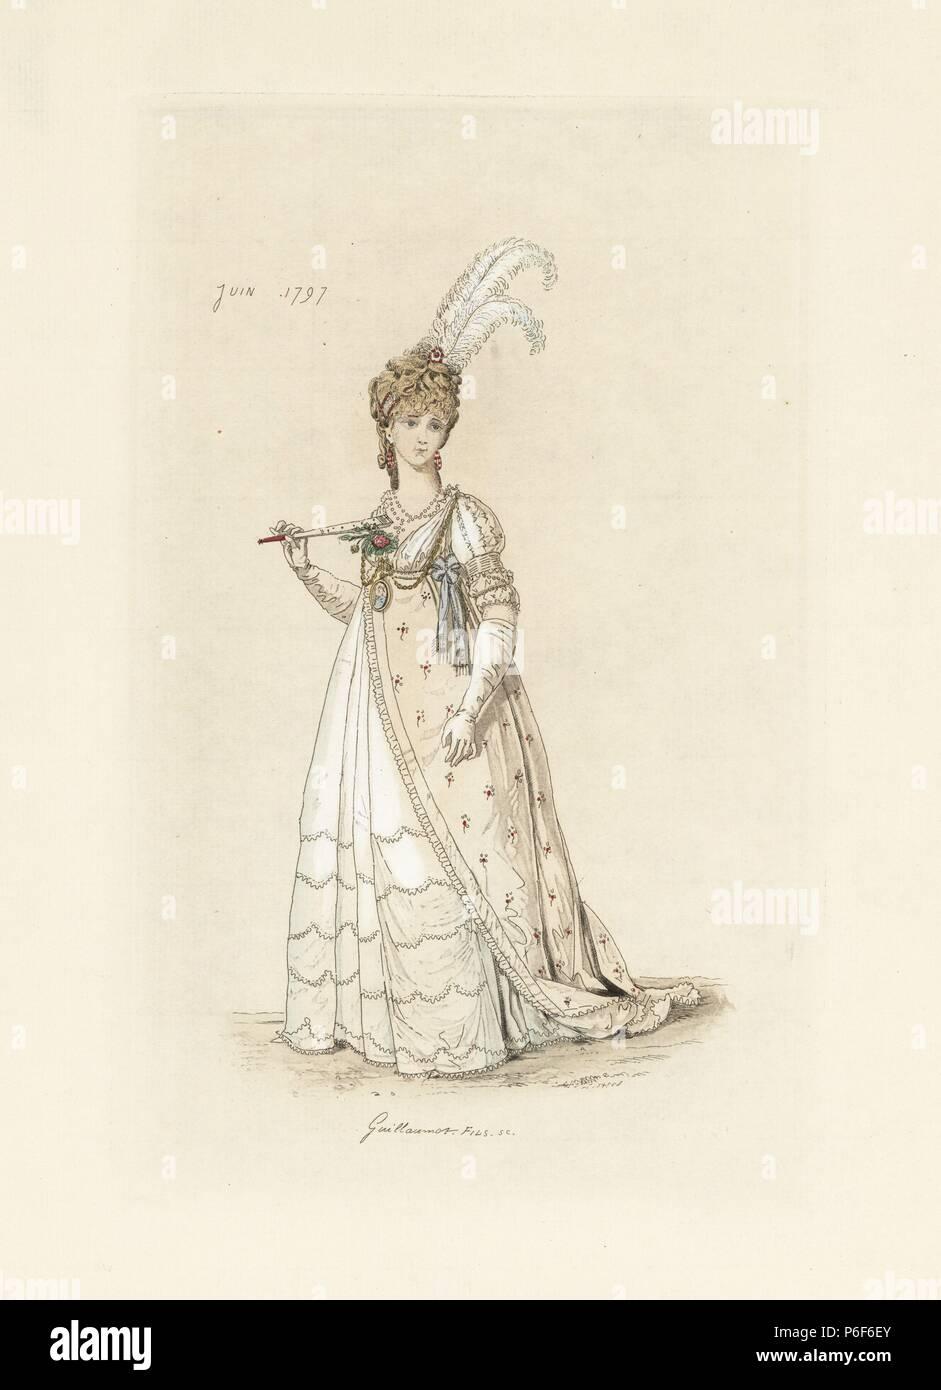 buy popular b3eda 7776e Donna inglese nella moda del giugno 1797. Indossa un ...